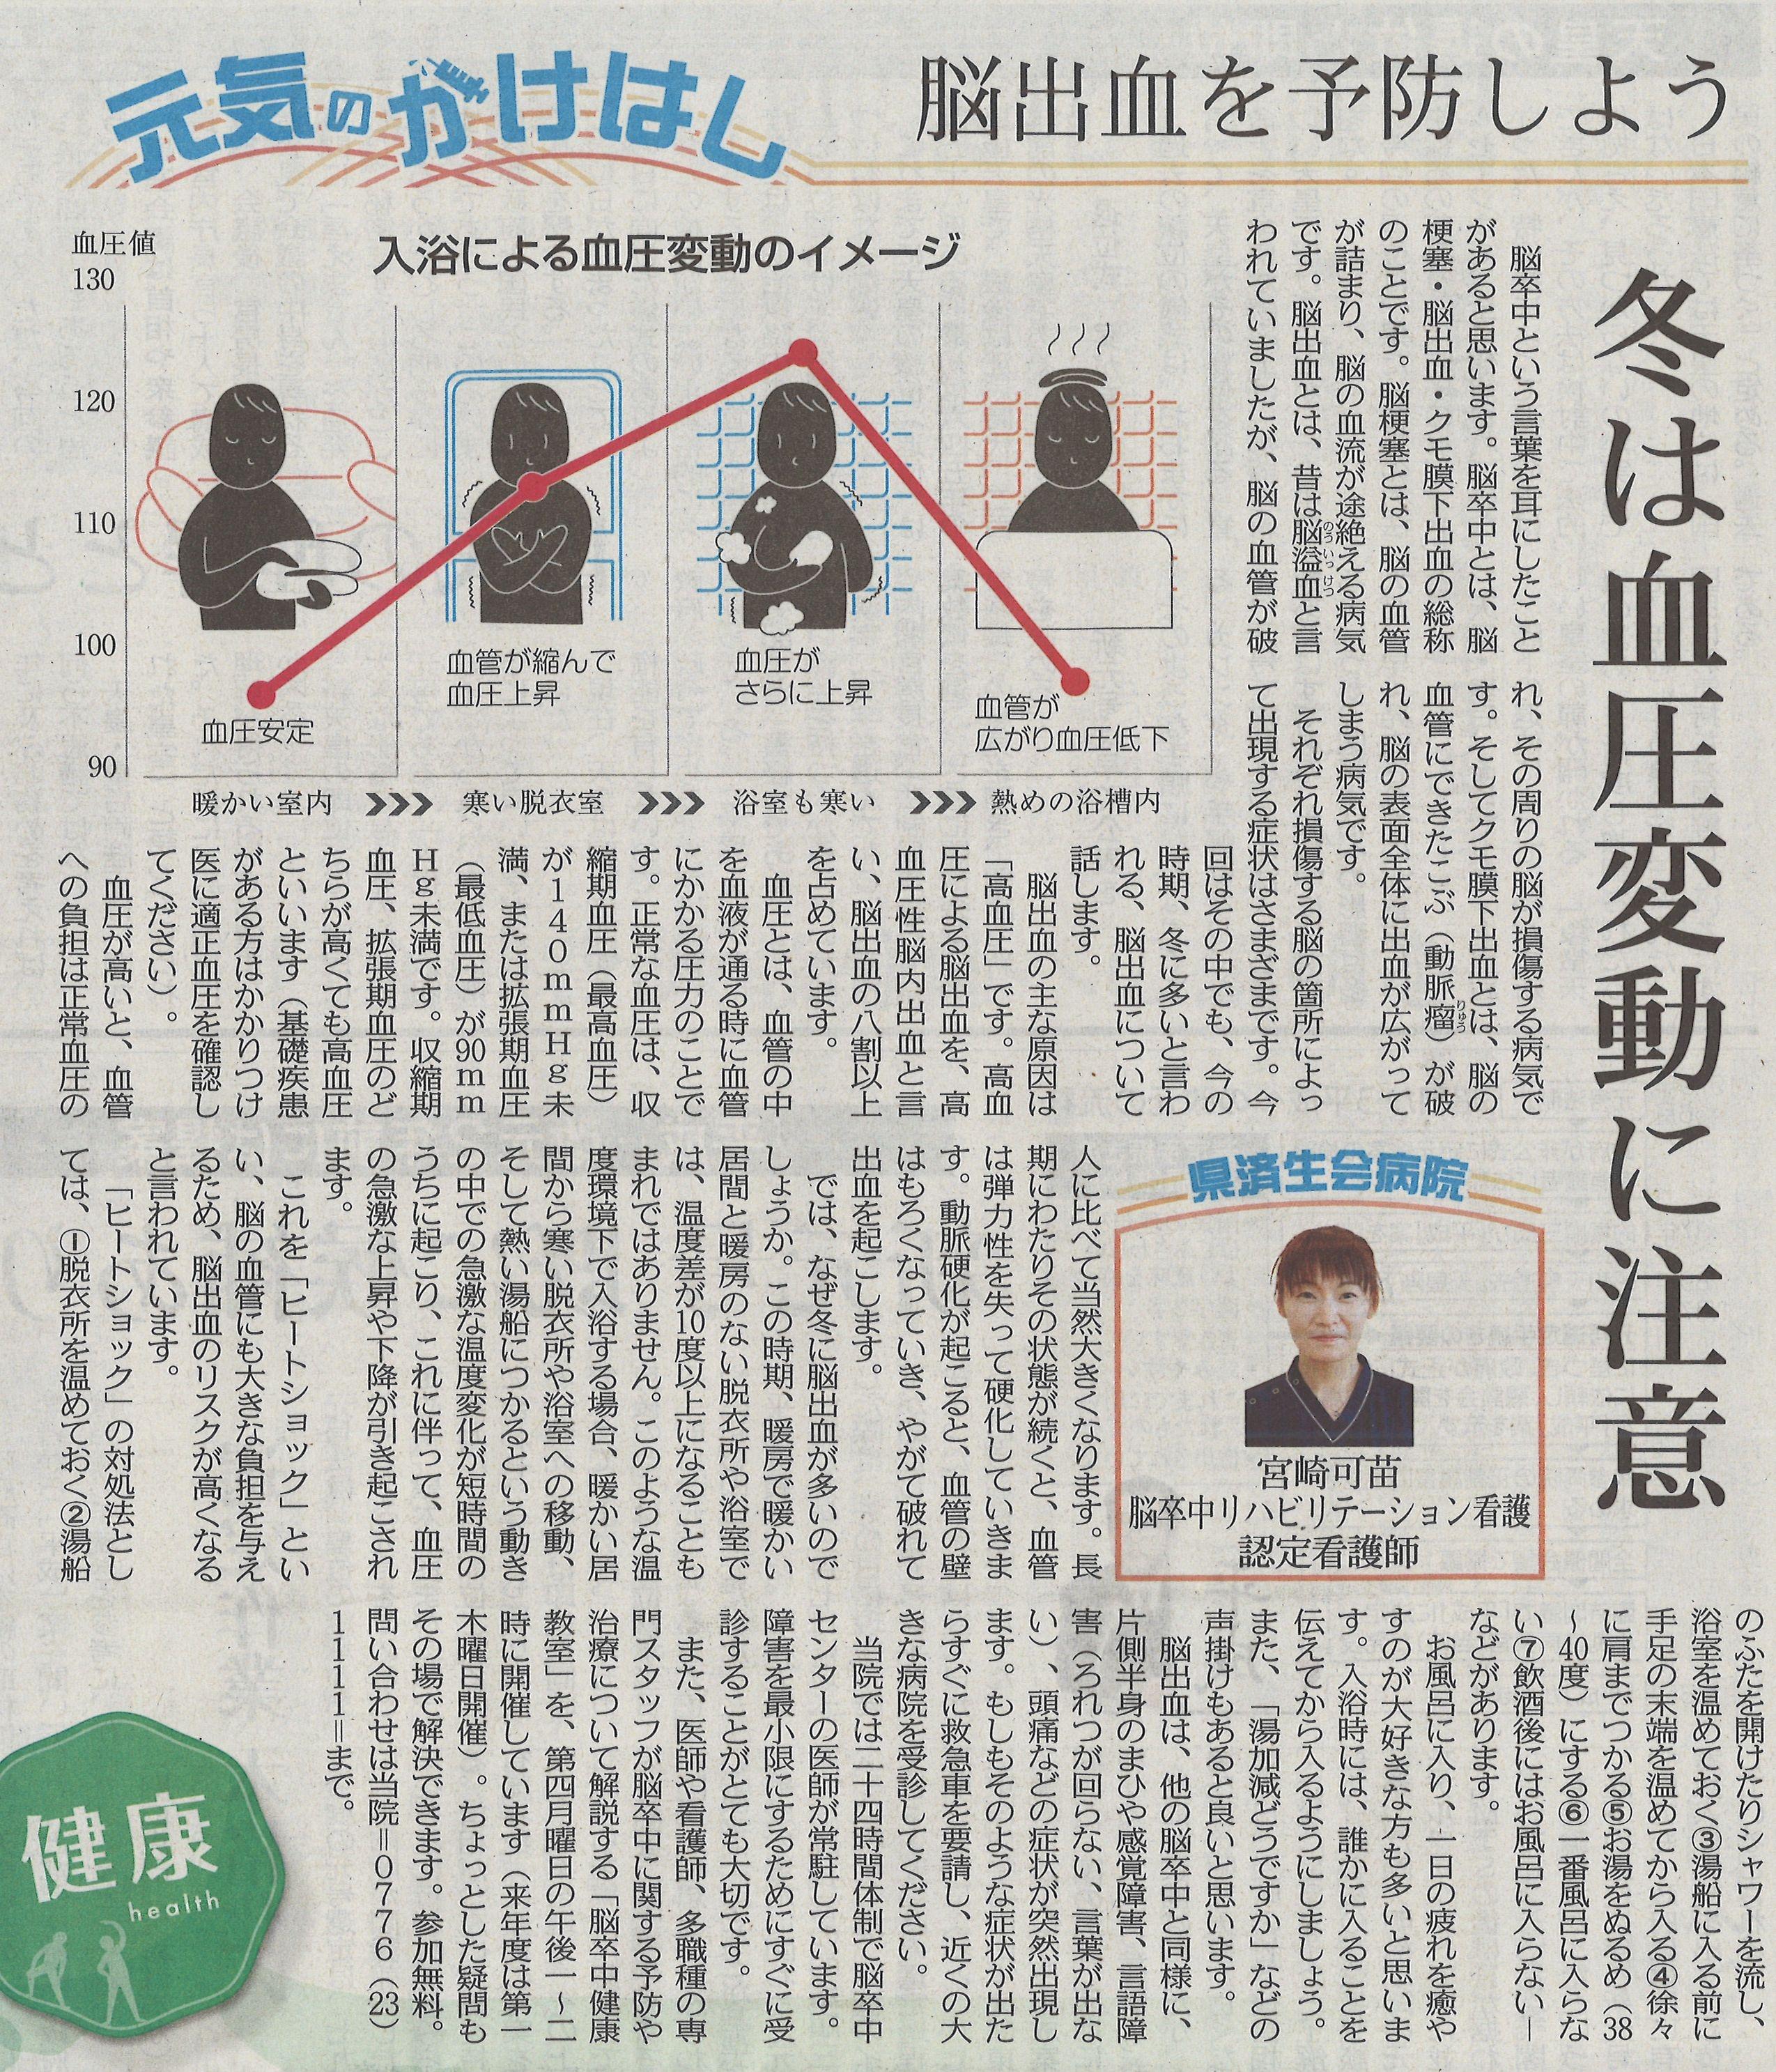 2017年12月2日 日刊県民福井